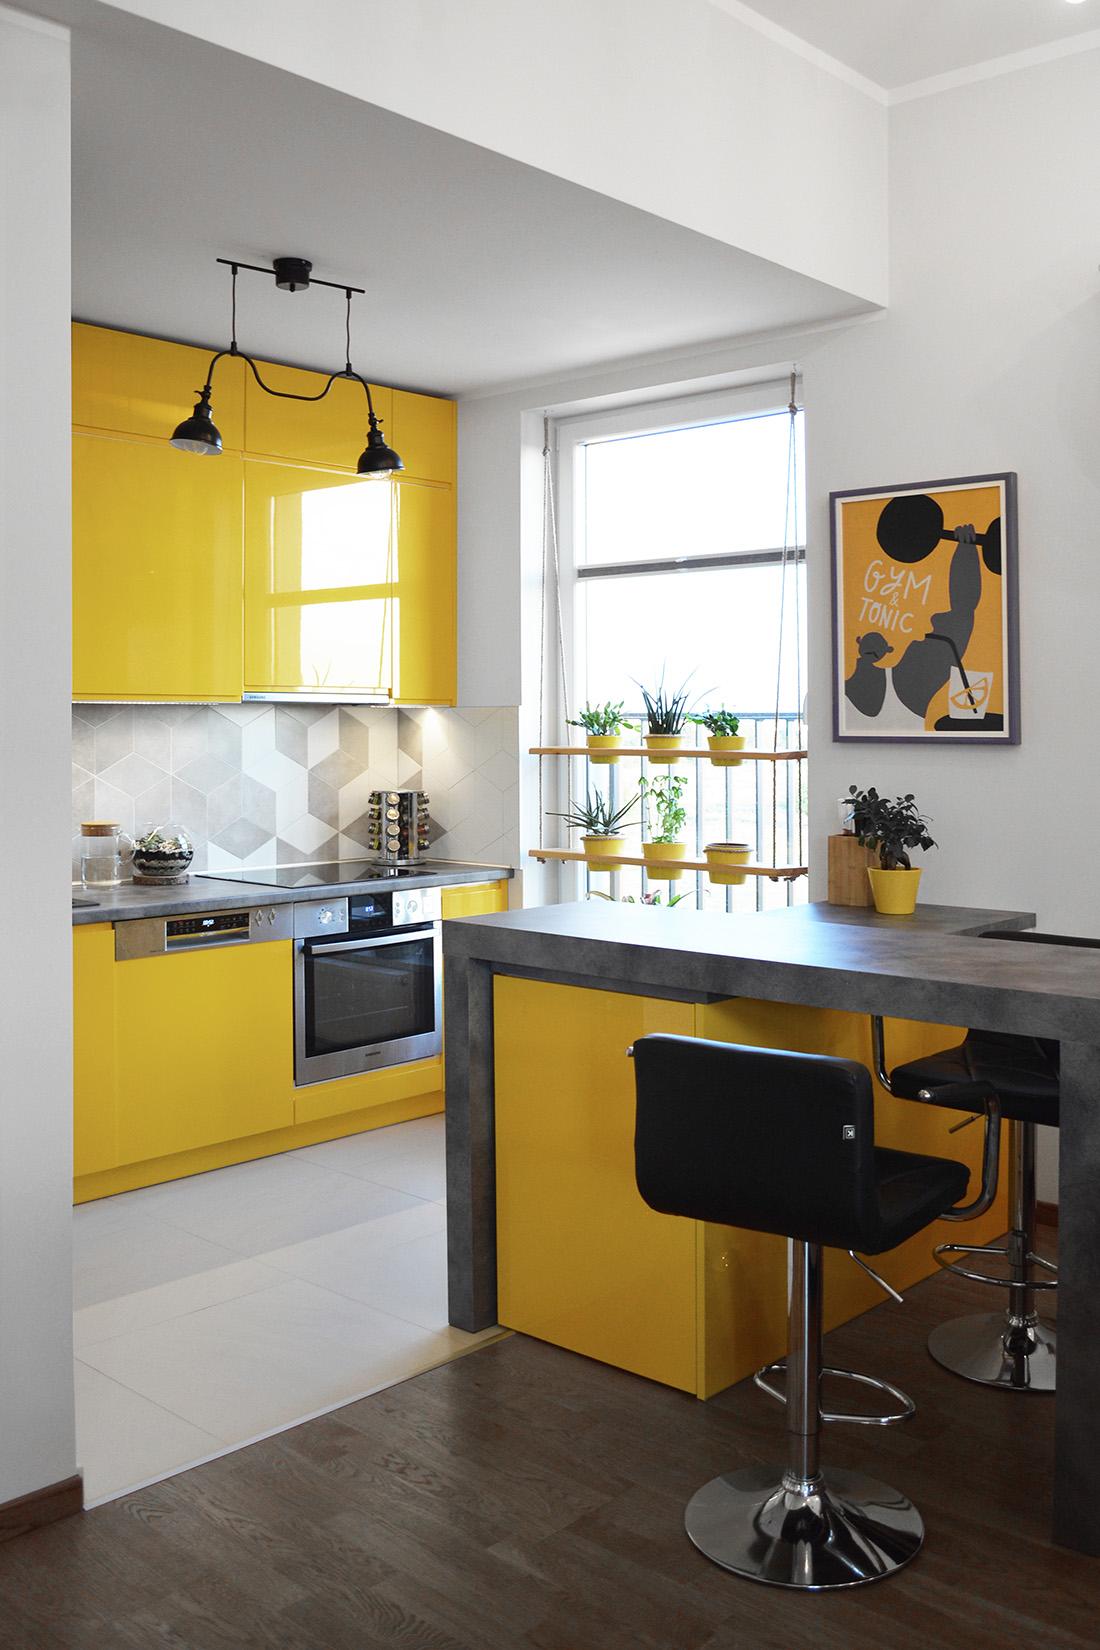 Kuchnia W Mieszkaniu 70m2